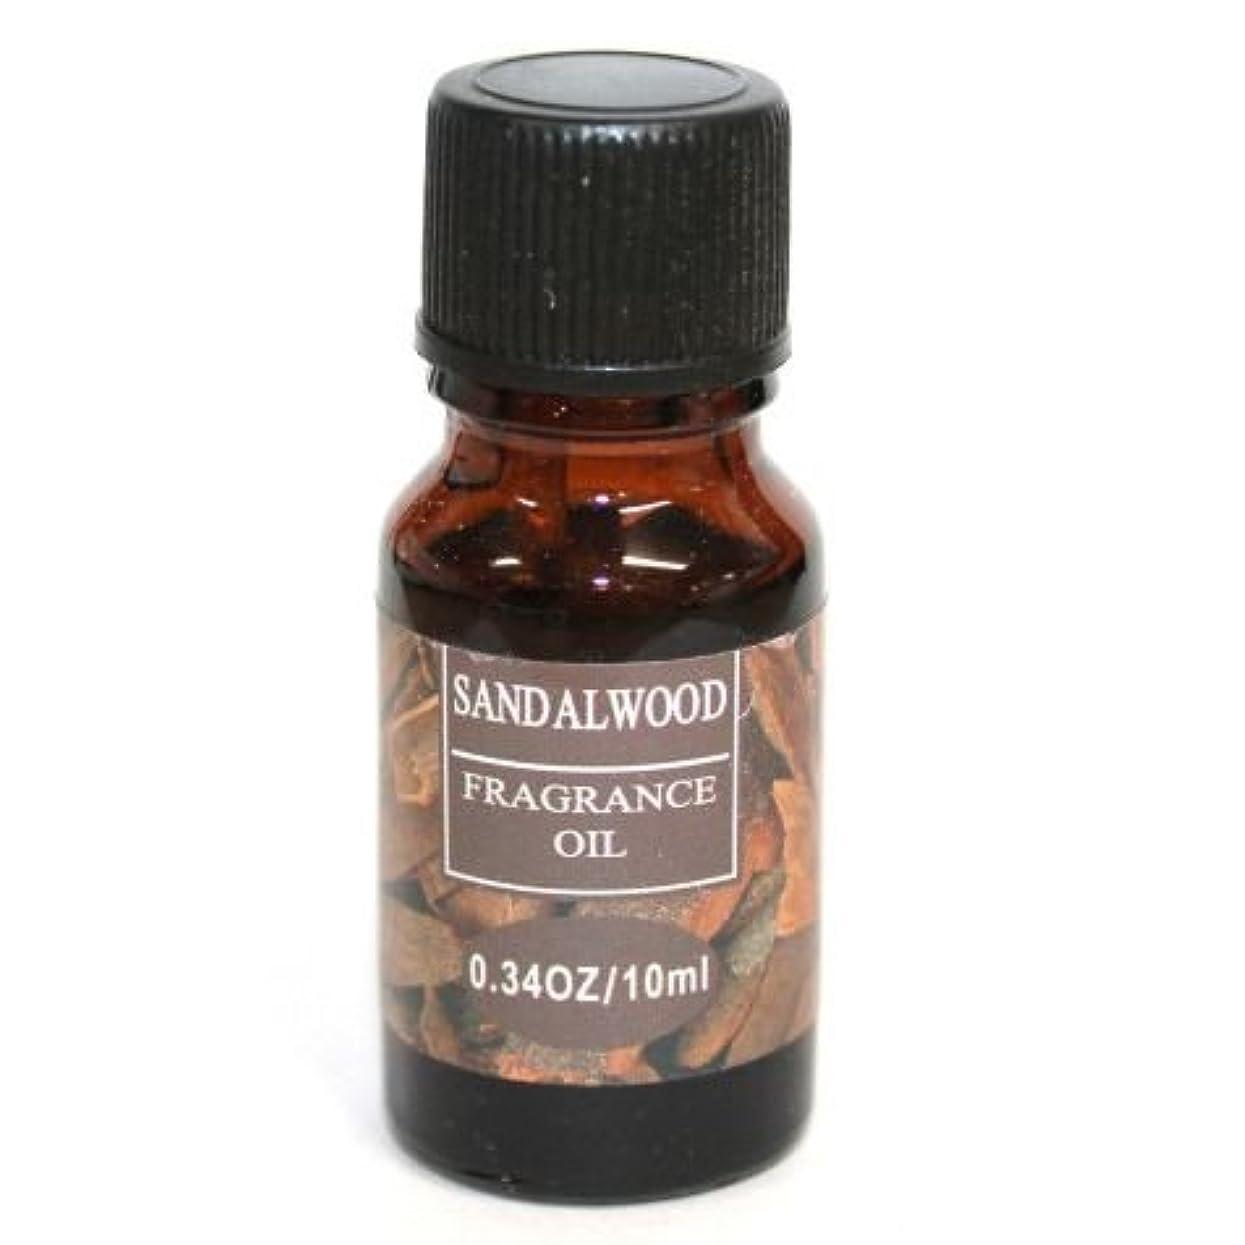 マチュピチュ注意ブートRELAXING アロマオイル フレグランスオイル サンダルウッドの香り ビャクダン (白檀) RQ-03